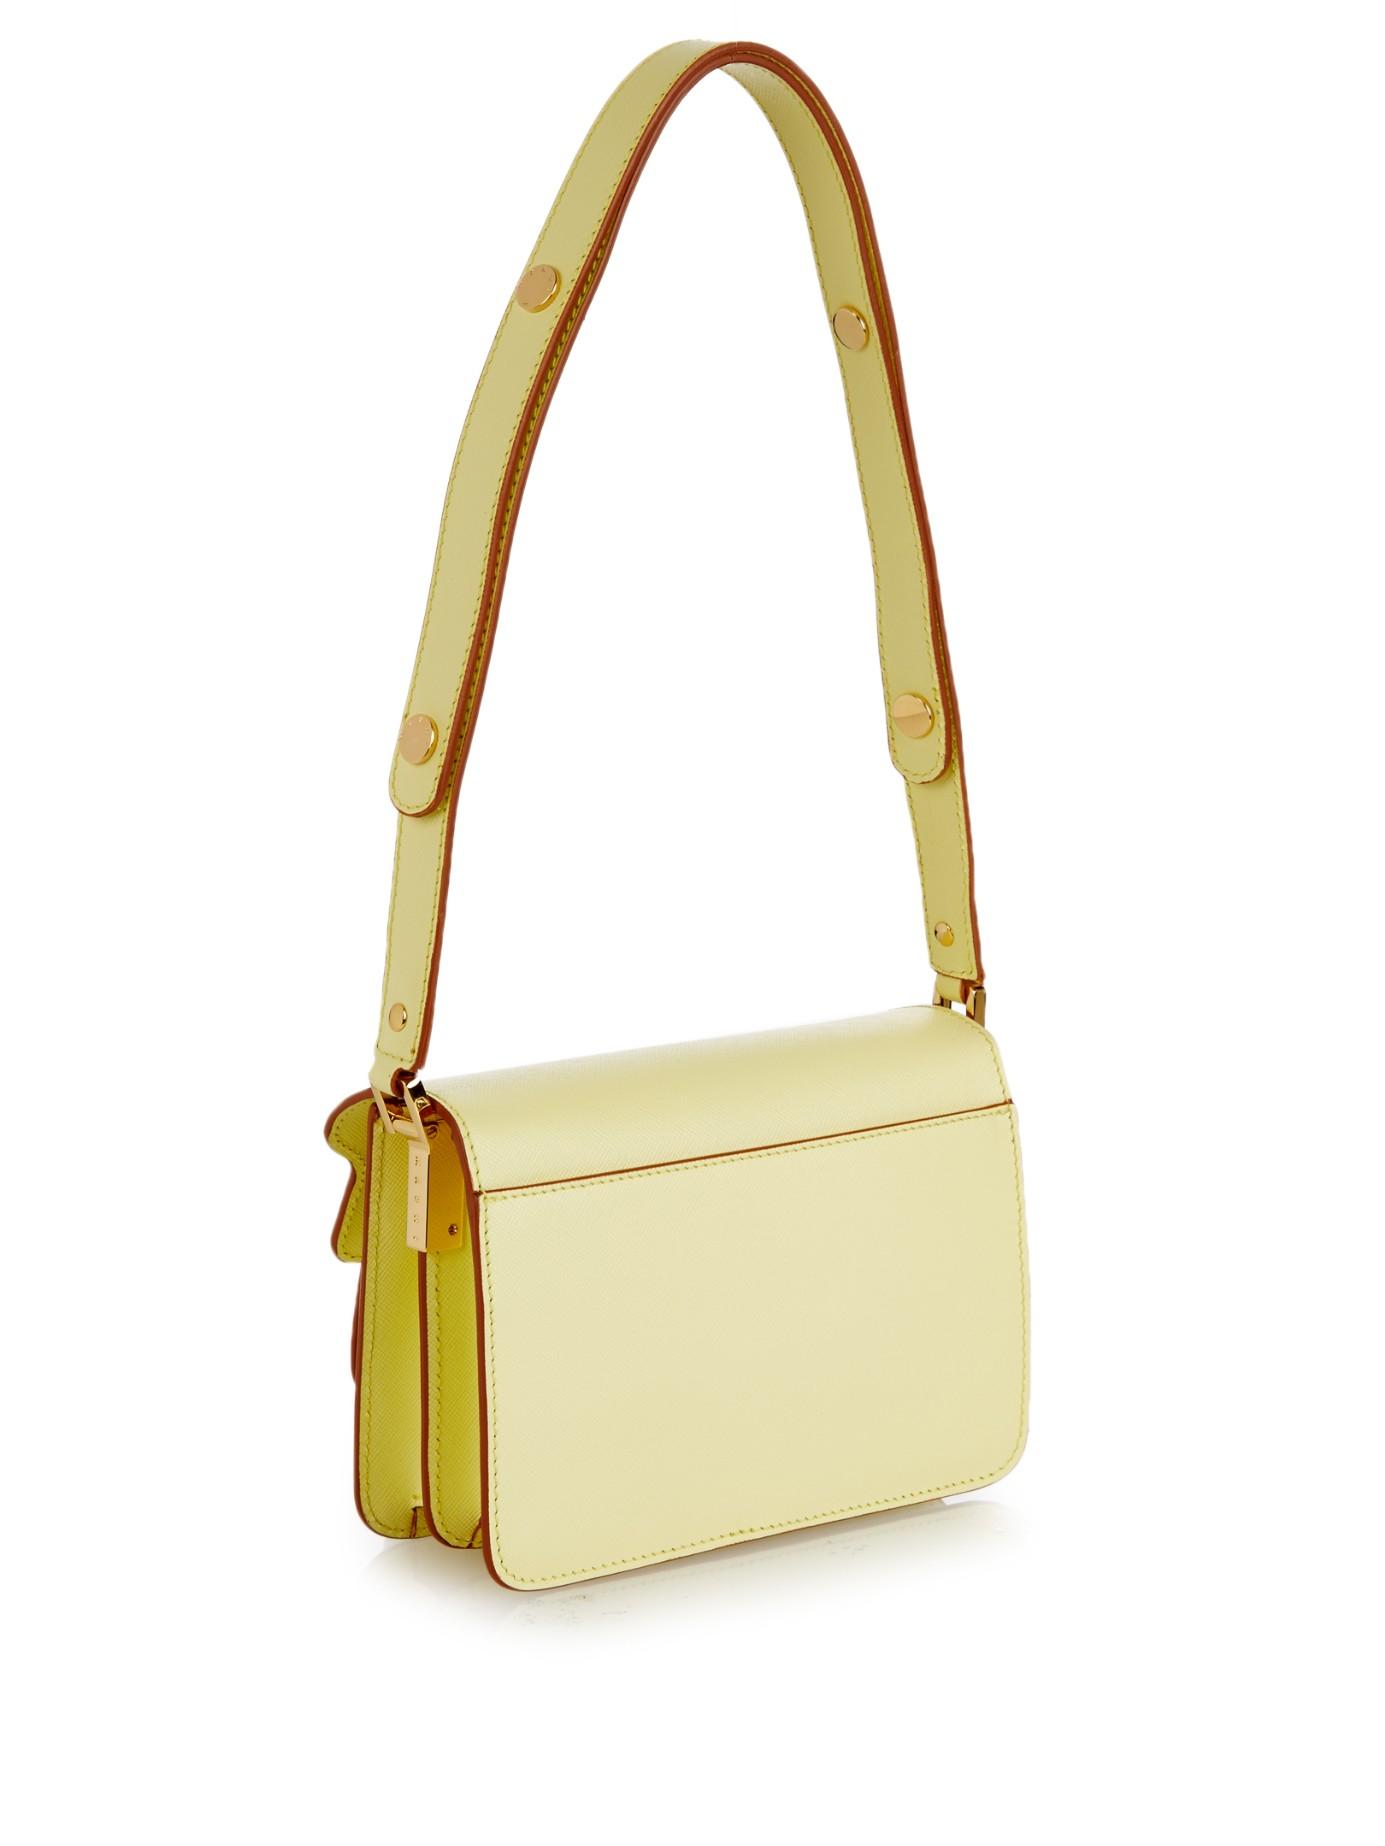 Marni Trunk Mini Leather Cross-body Bag in Yellow